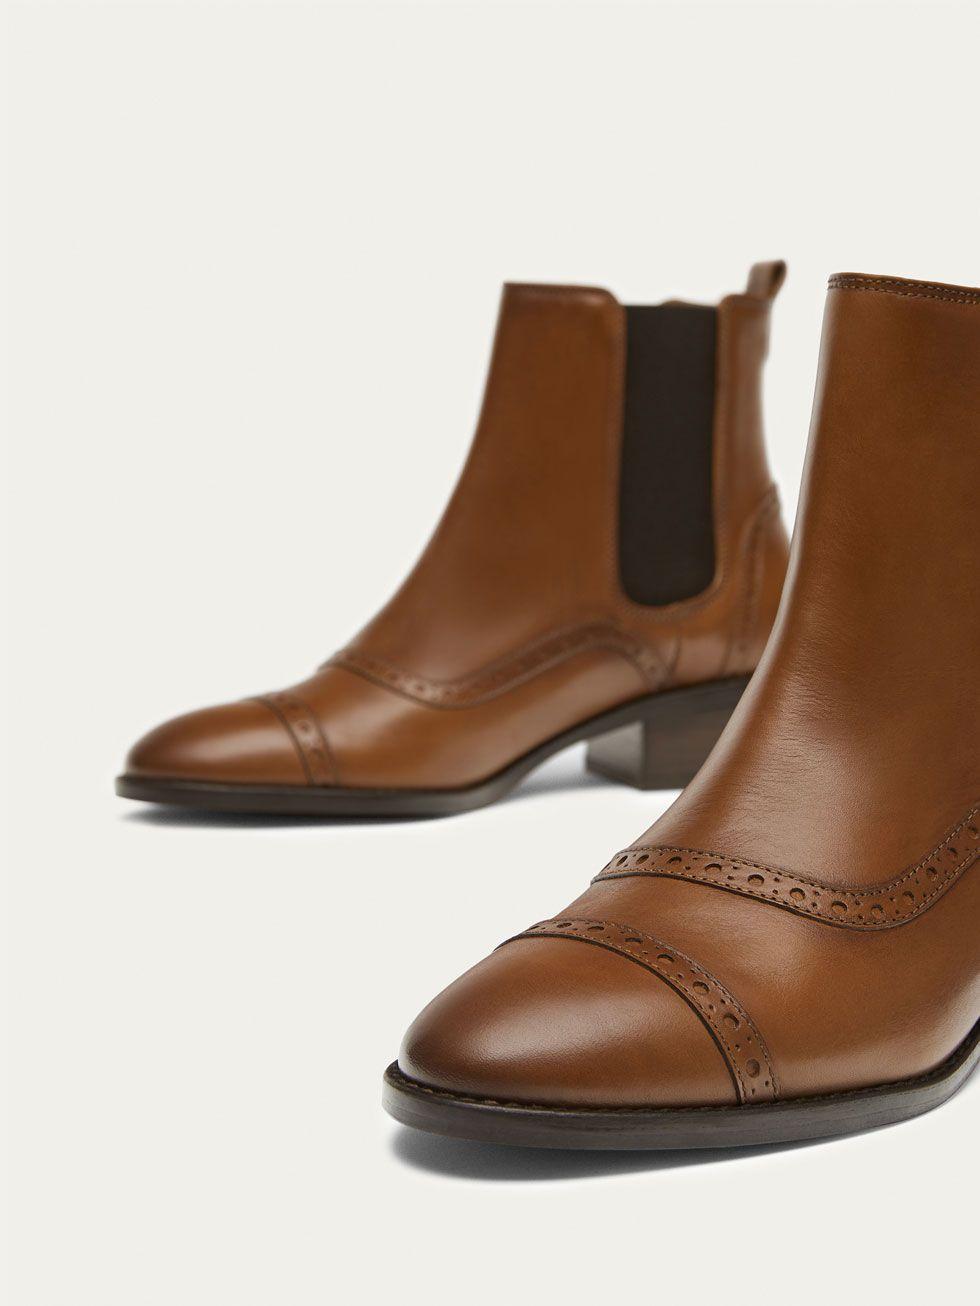 cb87e1d390a BOTIN CHELSEA PIEL MARRÓN de MUJER - Zapatos - Ver todo de Massimo Dutti de  Otoño